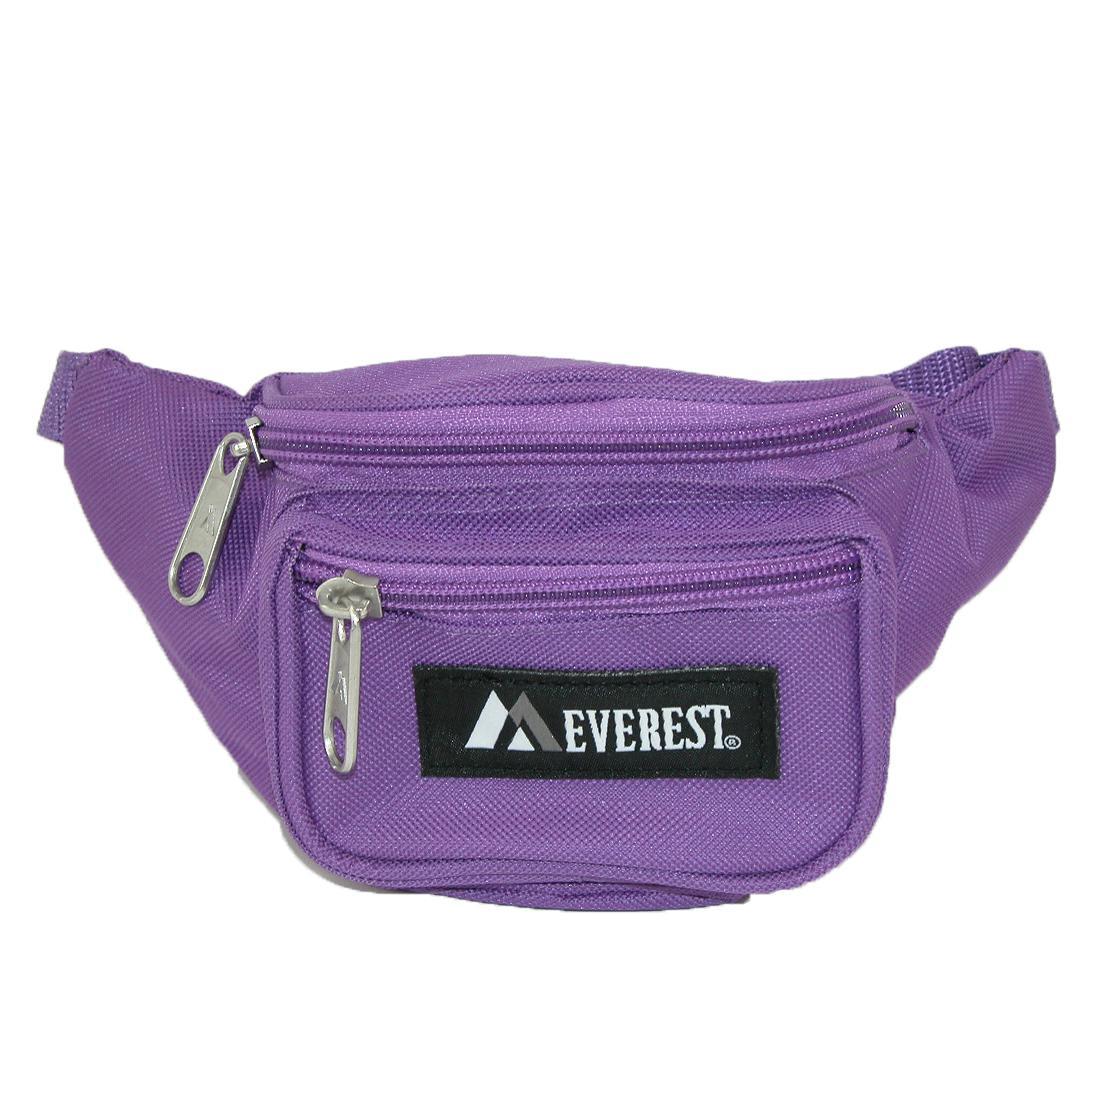 Everest Girls' Fabric Waist Pack Purse (EV-GIRLS-DPL EV-GIRLS) photo